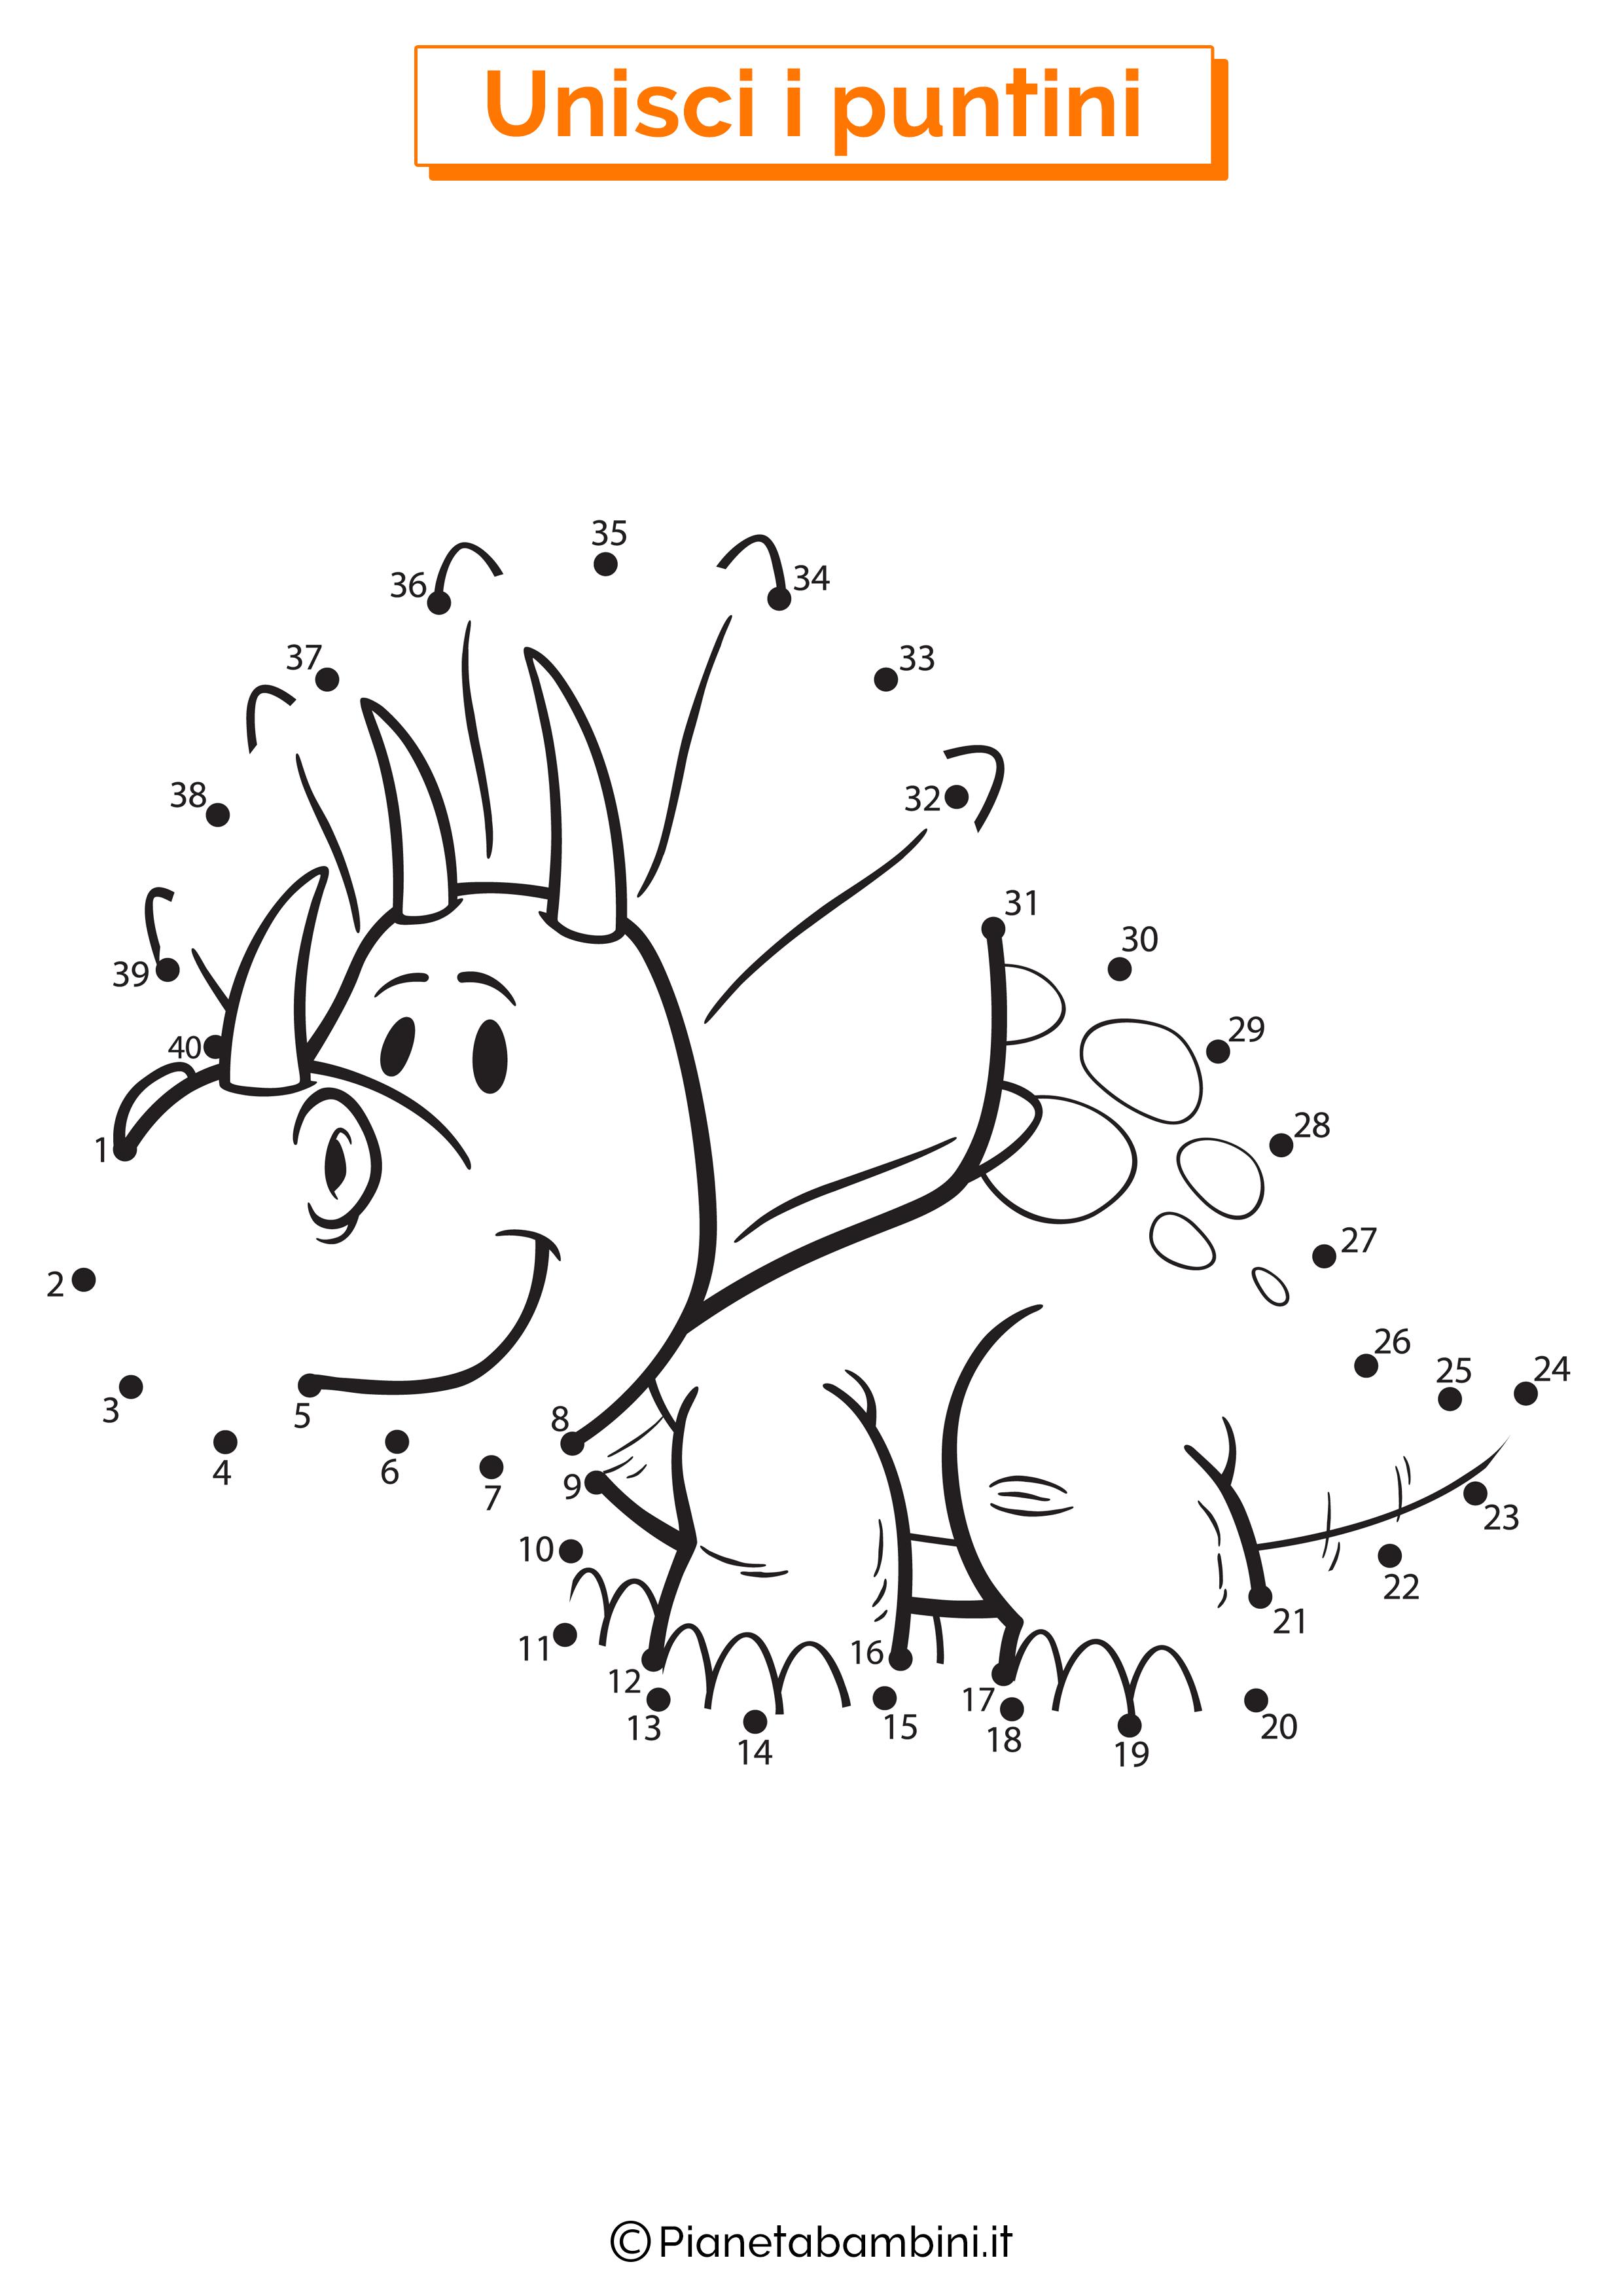 Disegno unisci i puntini 1-40 triceratopo